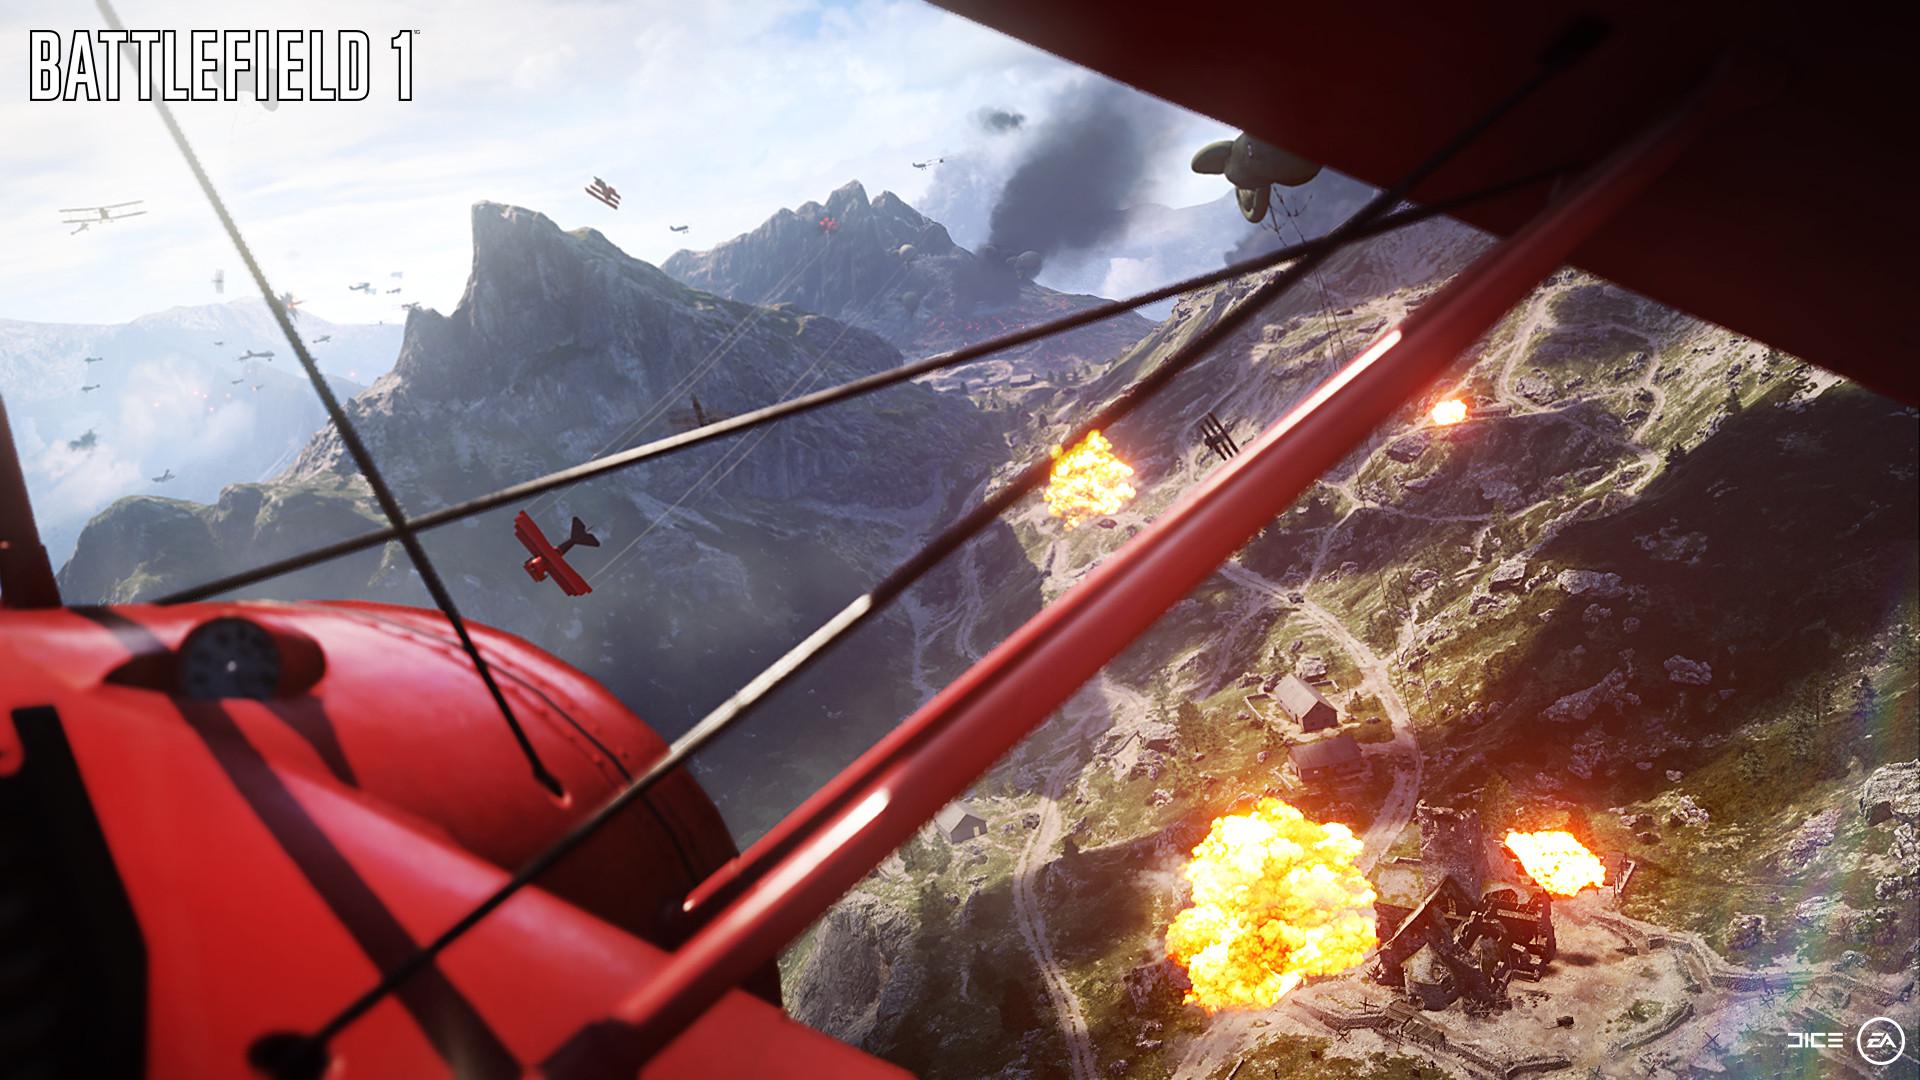 複葉機はスピードがないが小回りがきき、地上戦に近いスケールで空の戦いが展開する